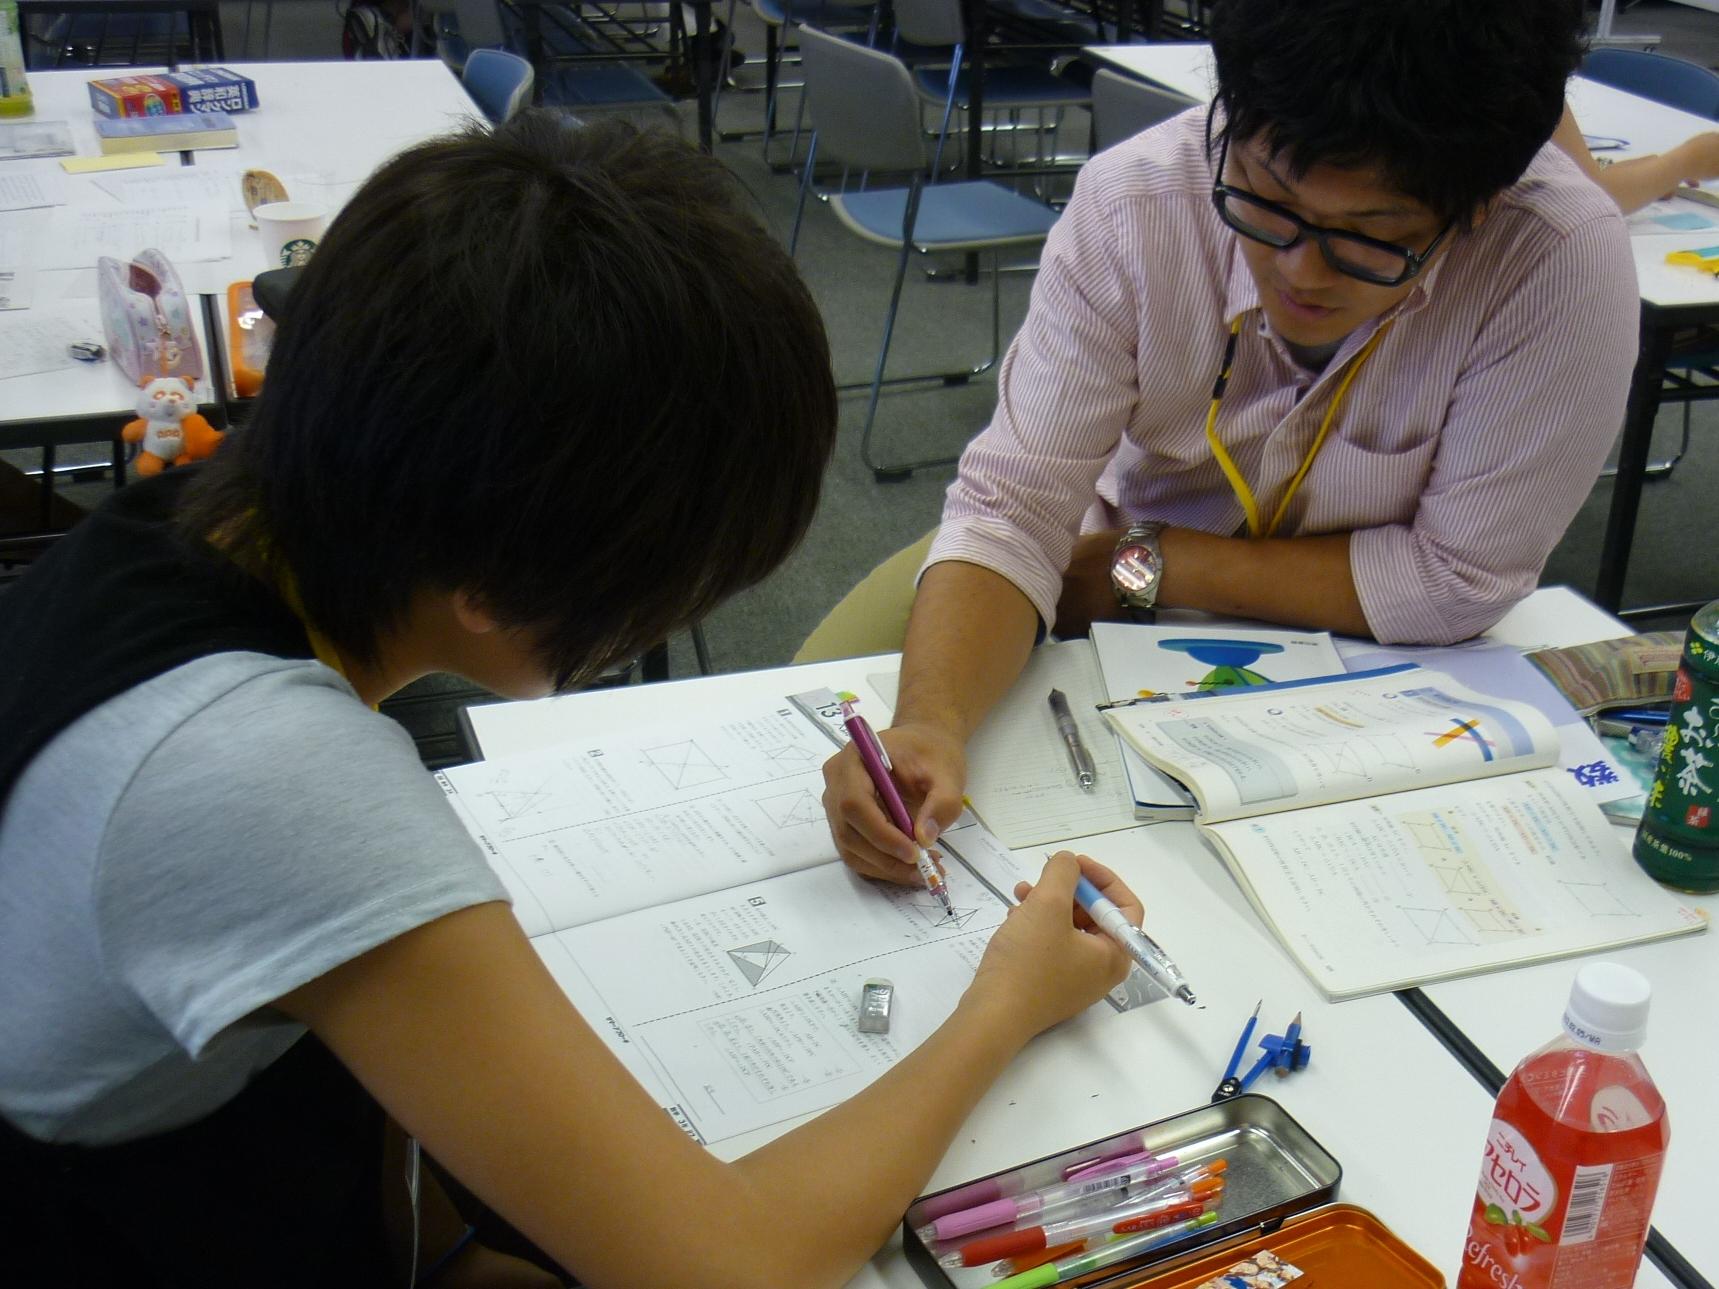 仙台での学習風景(中高生の学習支援、[タダゼミ]&[ガチゼミ])